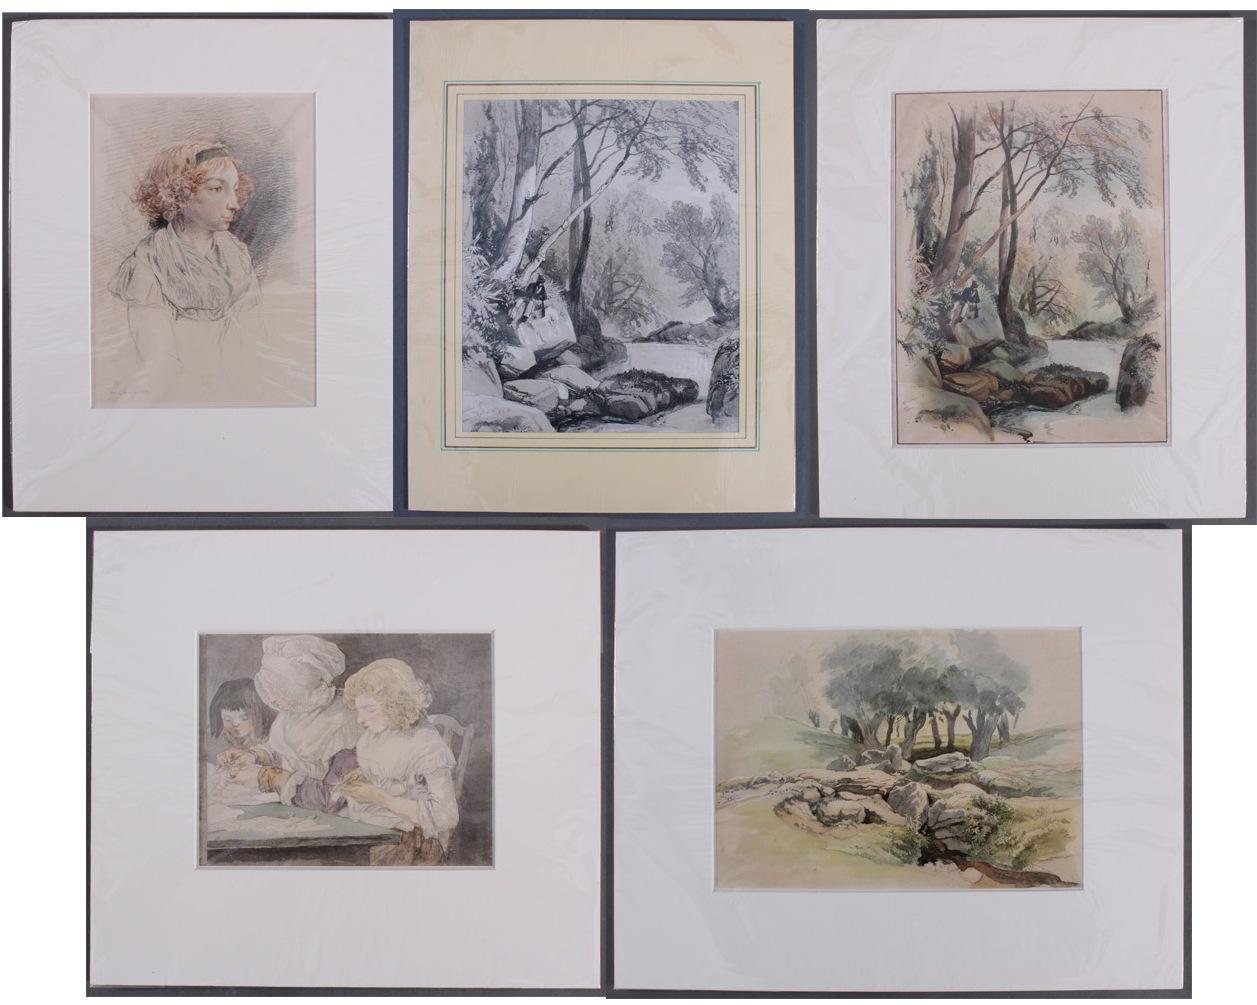 5 kolorierte Lithographien um 1833 / 1890